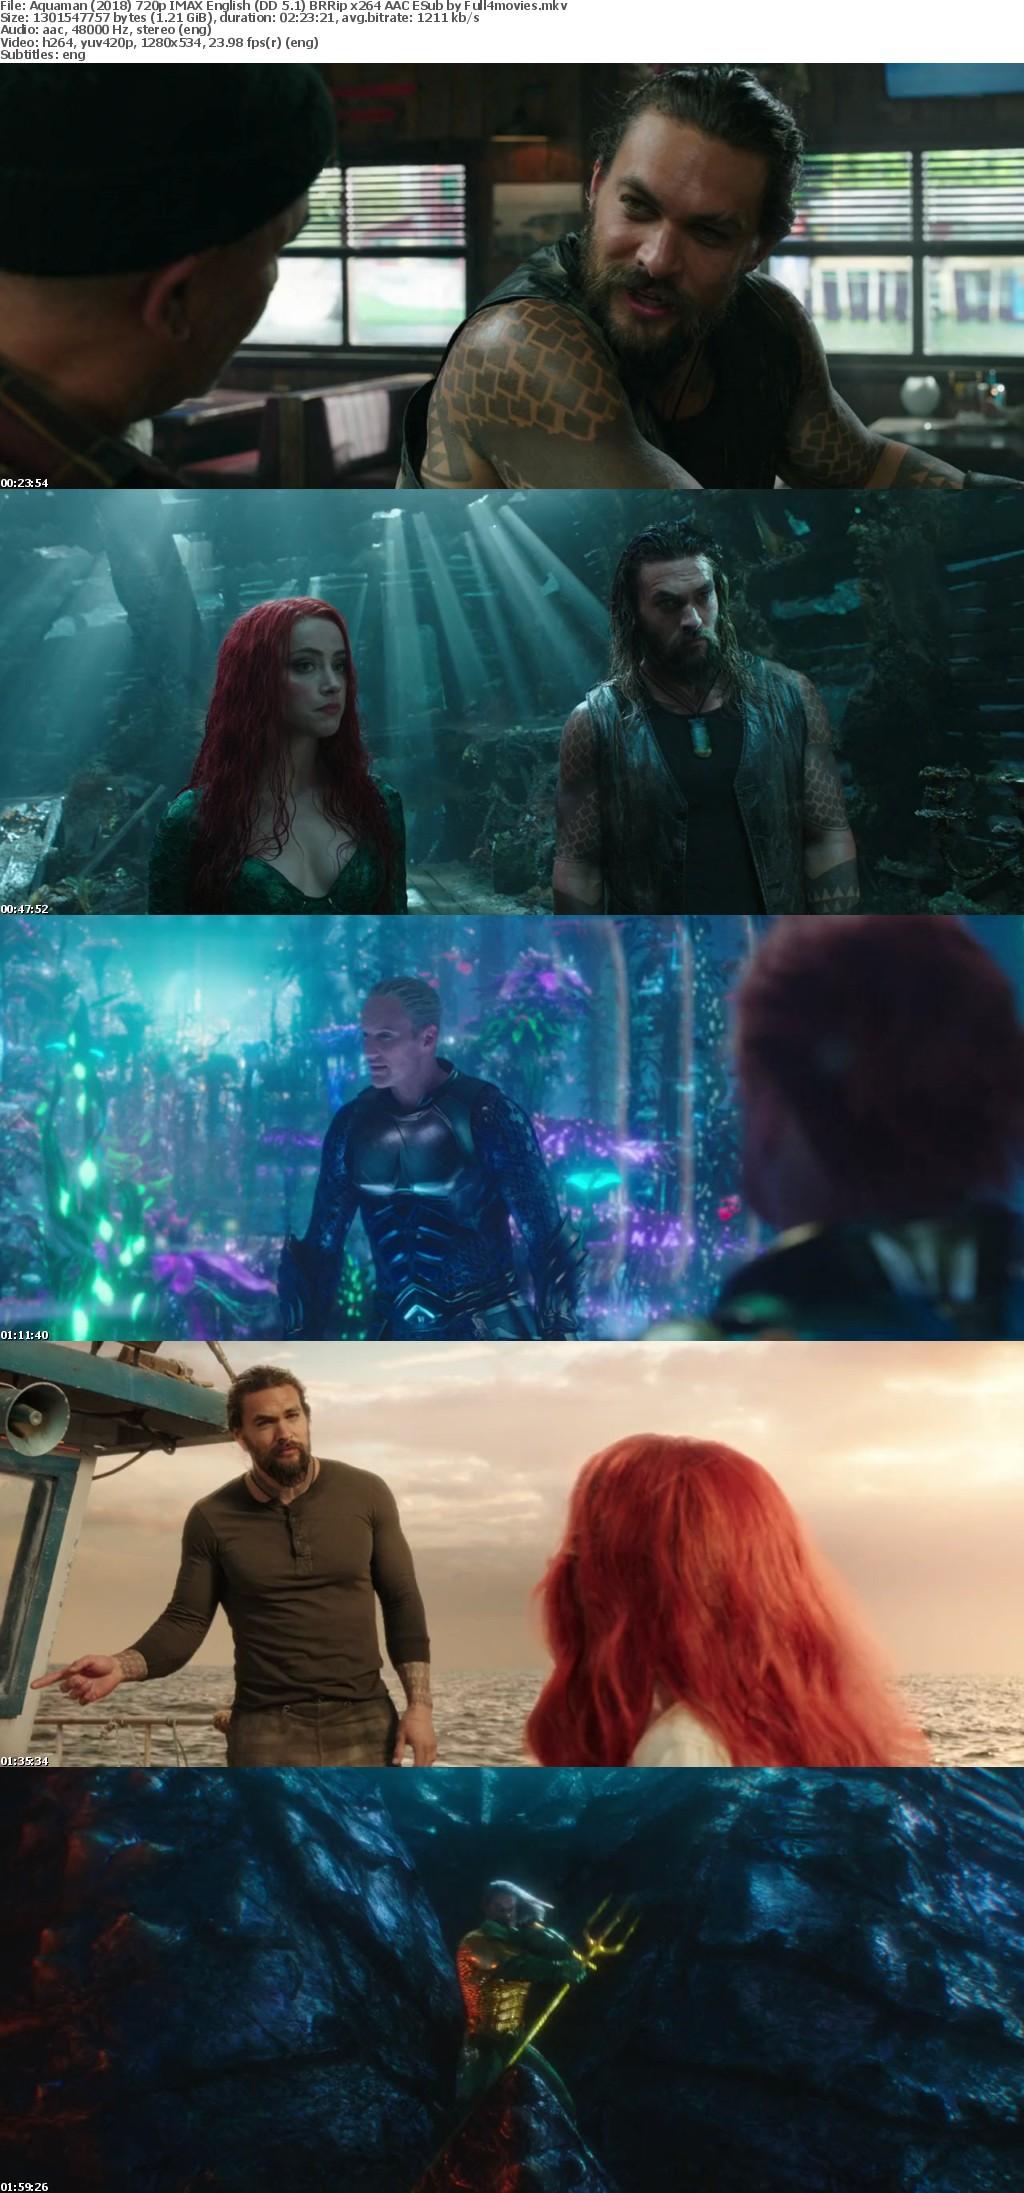 Aquaman 2018 720p IMAX English (DD 5 1) BRRip x264 AAC ESub by Full4movies